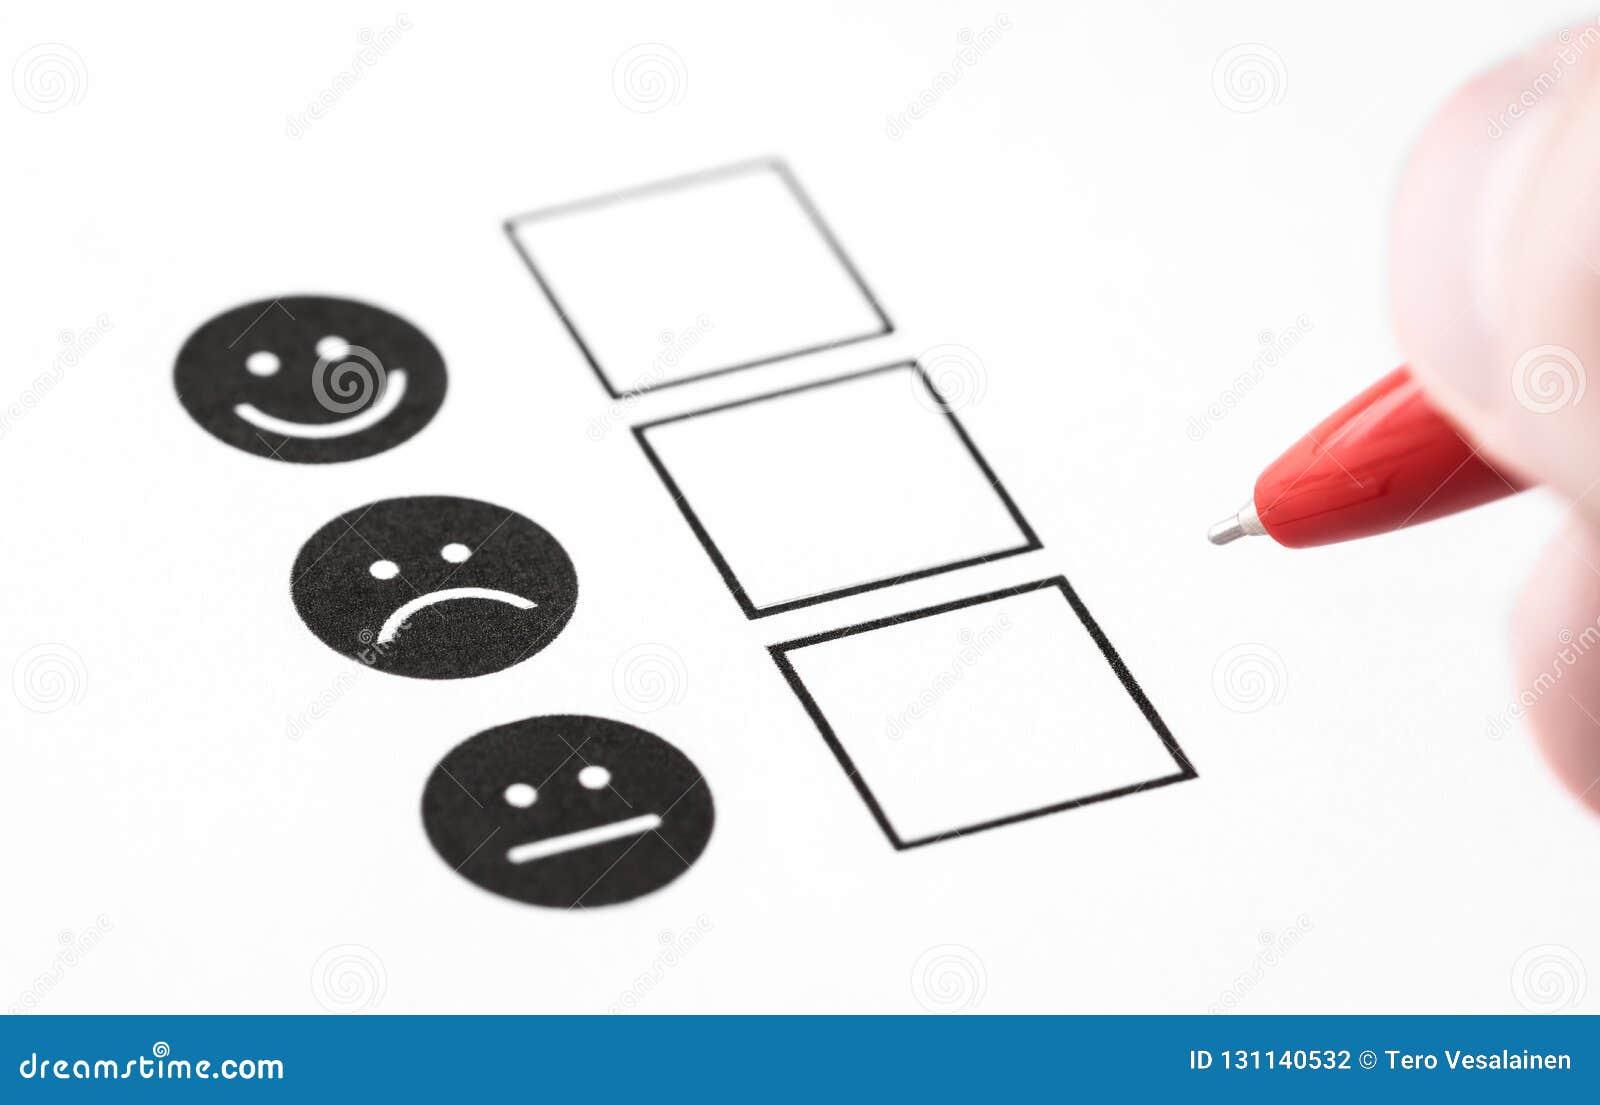 Avaliação da experiência do cliente, questionário do feedback do empregado ou conceito da votação do negócio